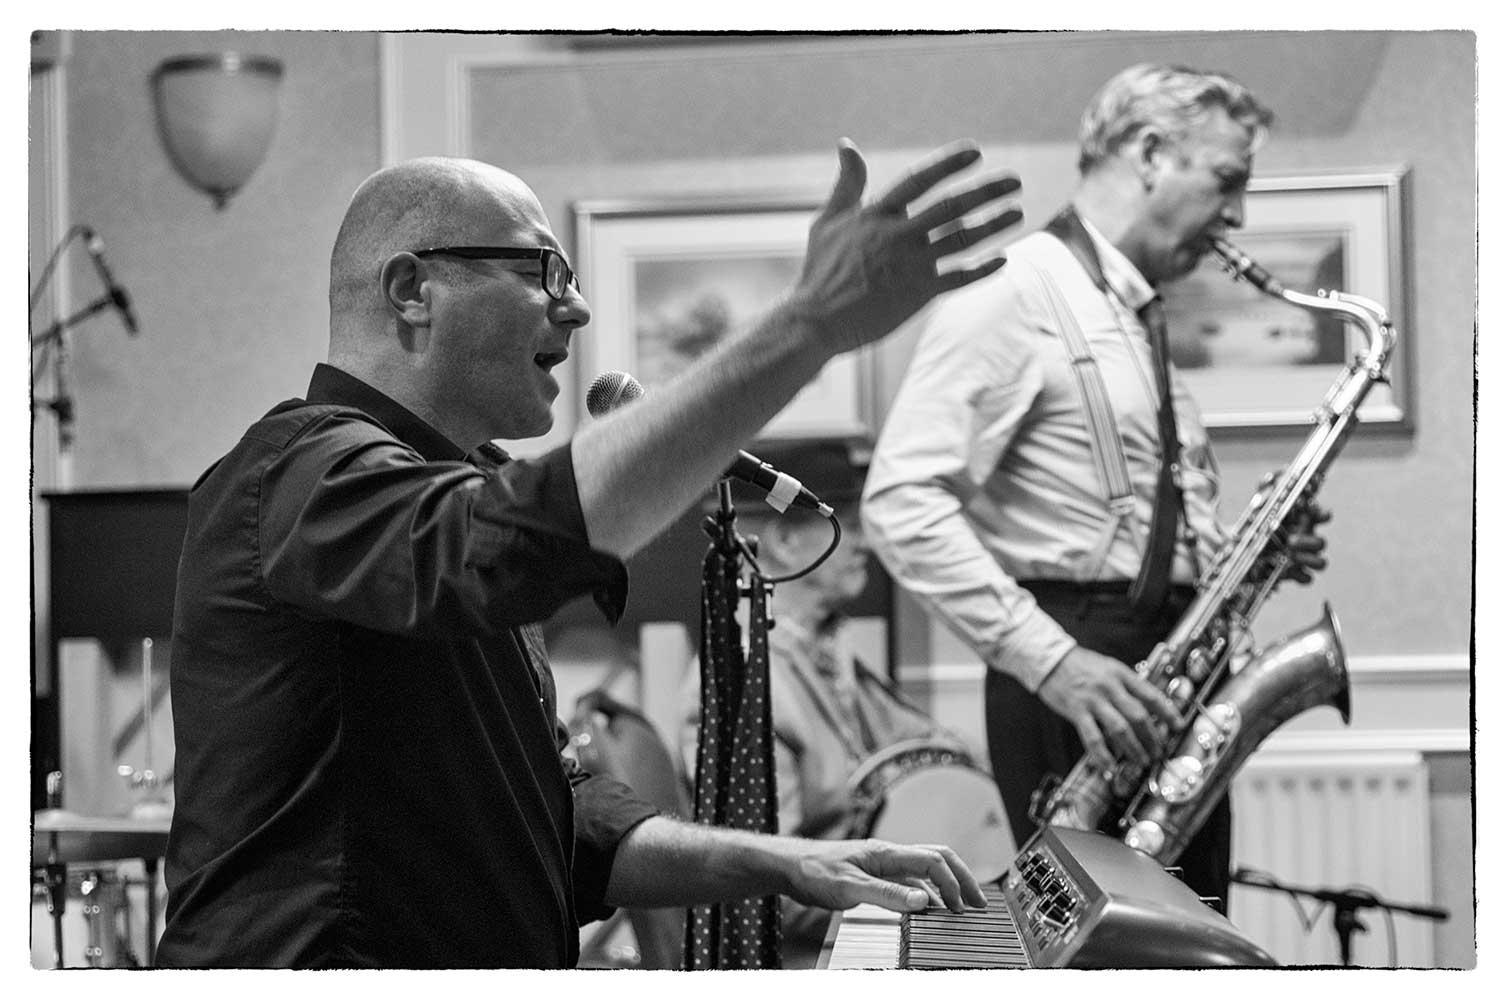 At the Keswick Jazz & Blues Festival, 2017